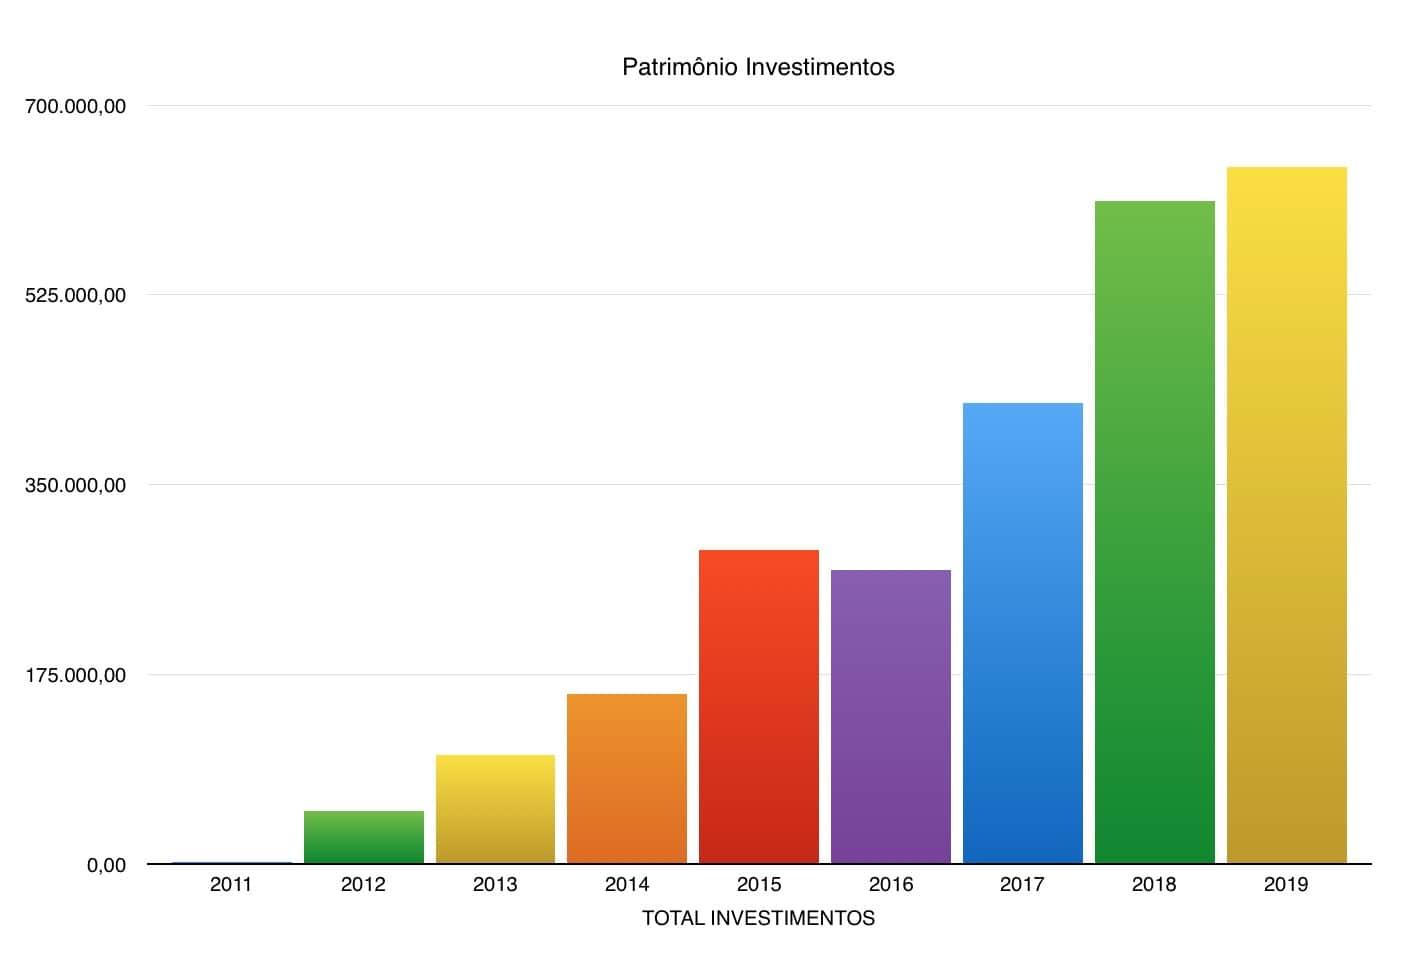 Patrimônio nos investimentos, lembrando que é o valor de custo médio baseado na regra do IR e não o da cotação atual.